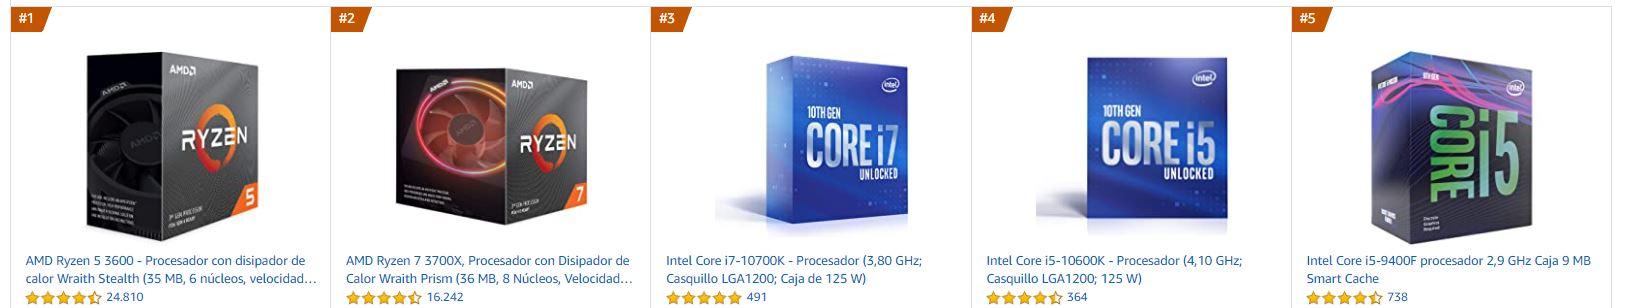 Procesadores más vendidos en Amazon